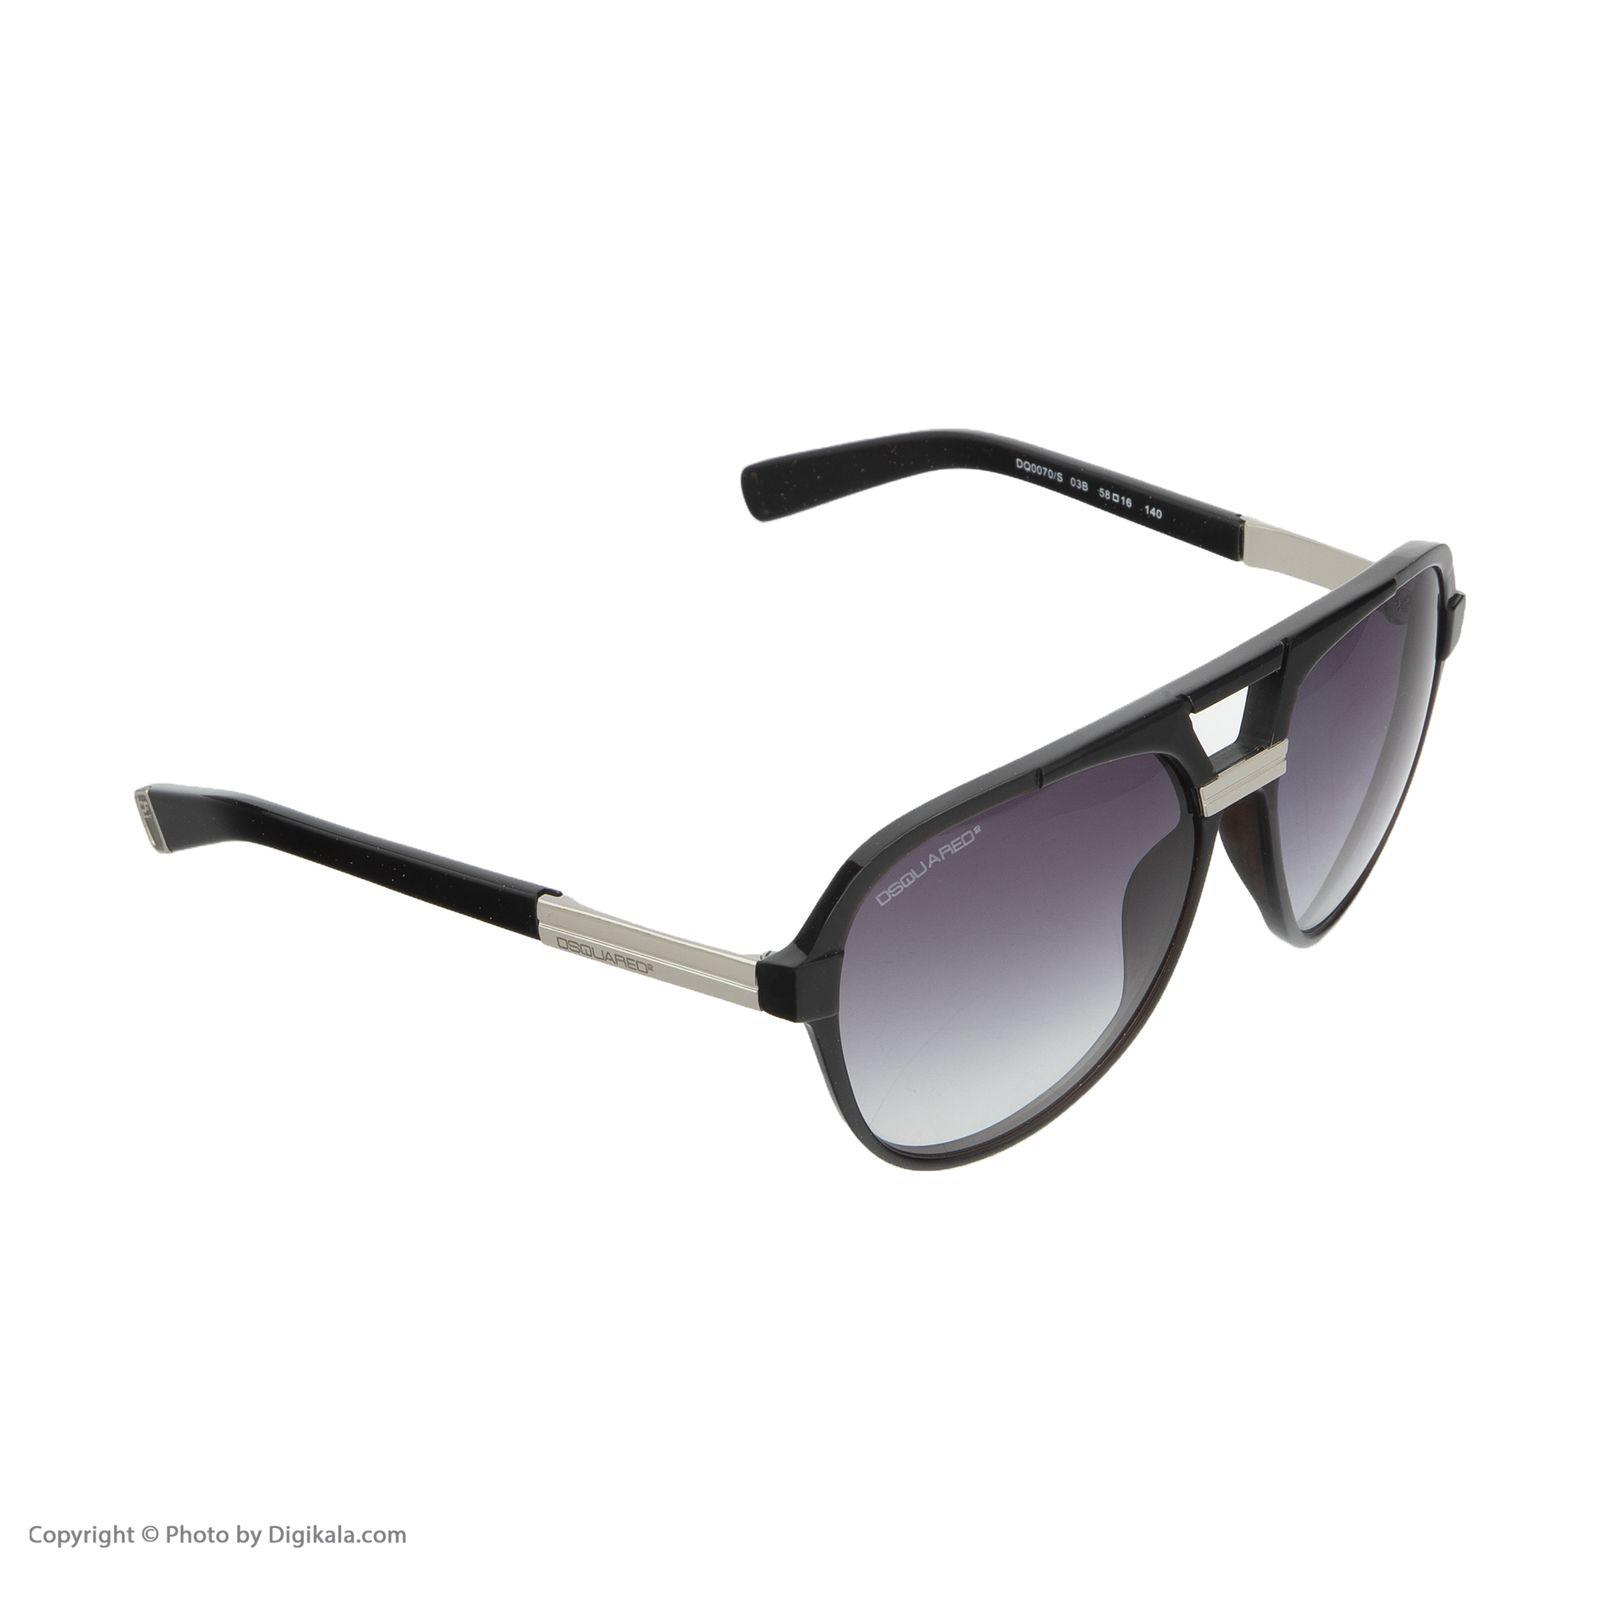 عینک آفتابی  دیسکوارد مدل 0070 -  - 3